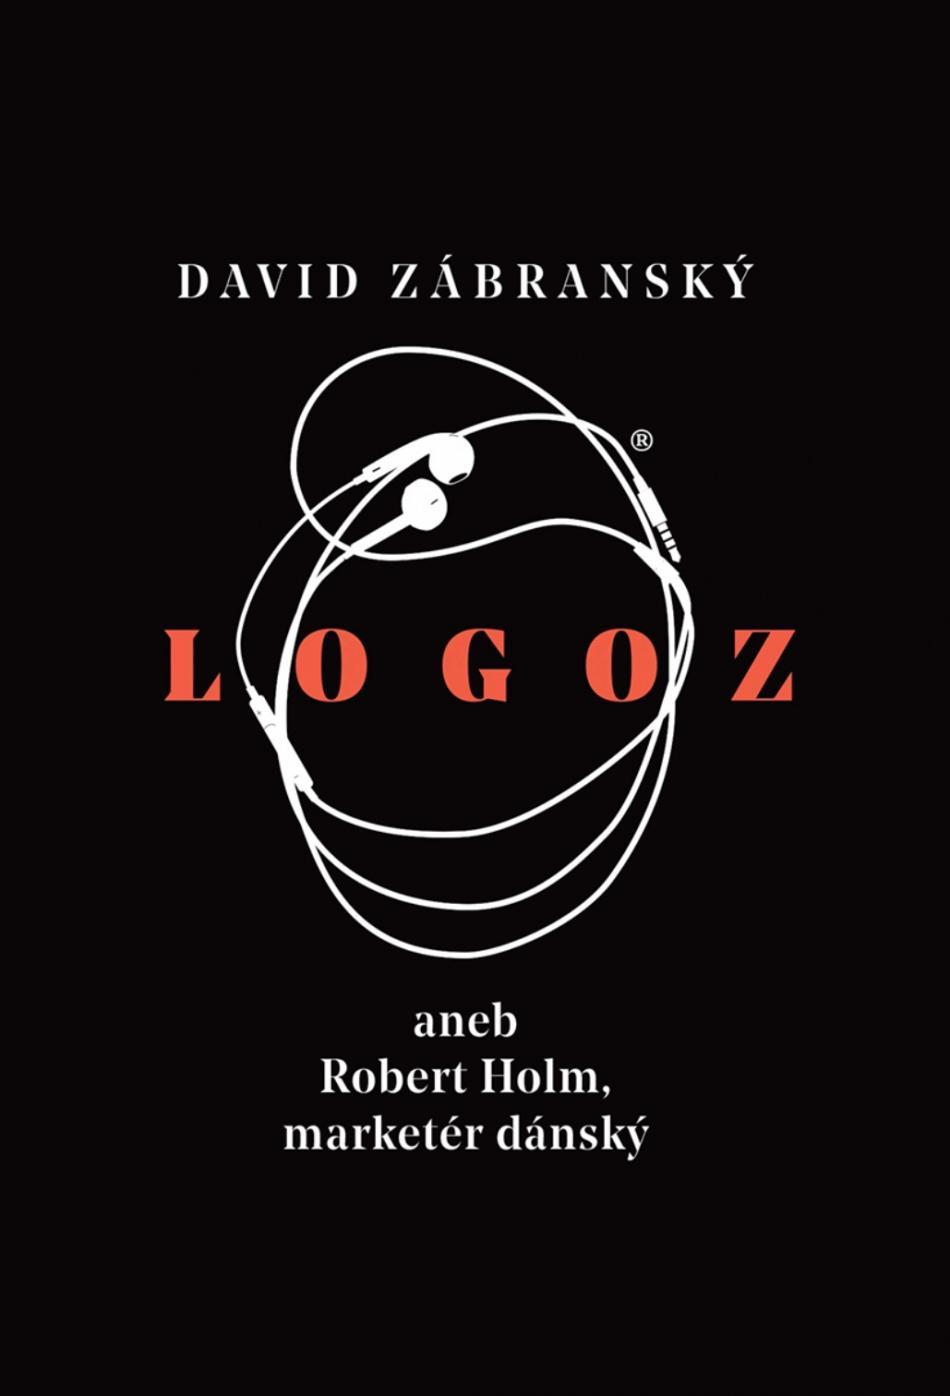 David Zábranský / Logoz aneb Robert Holm, marketér dánský